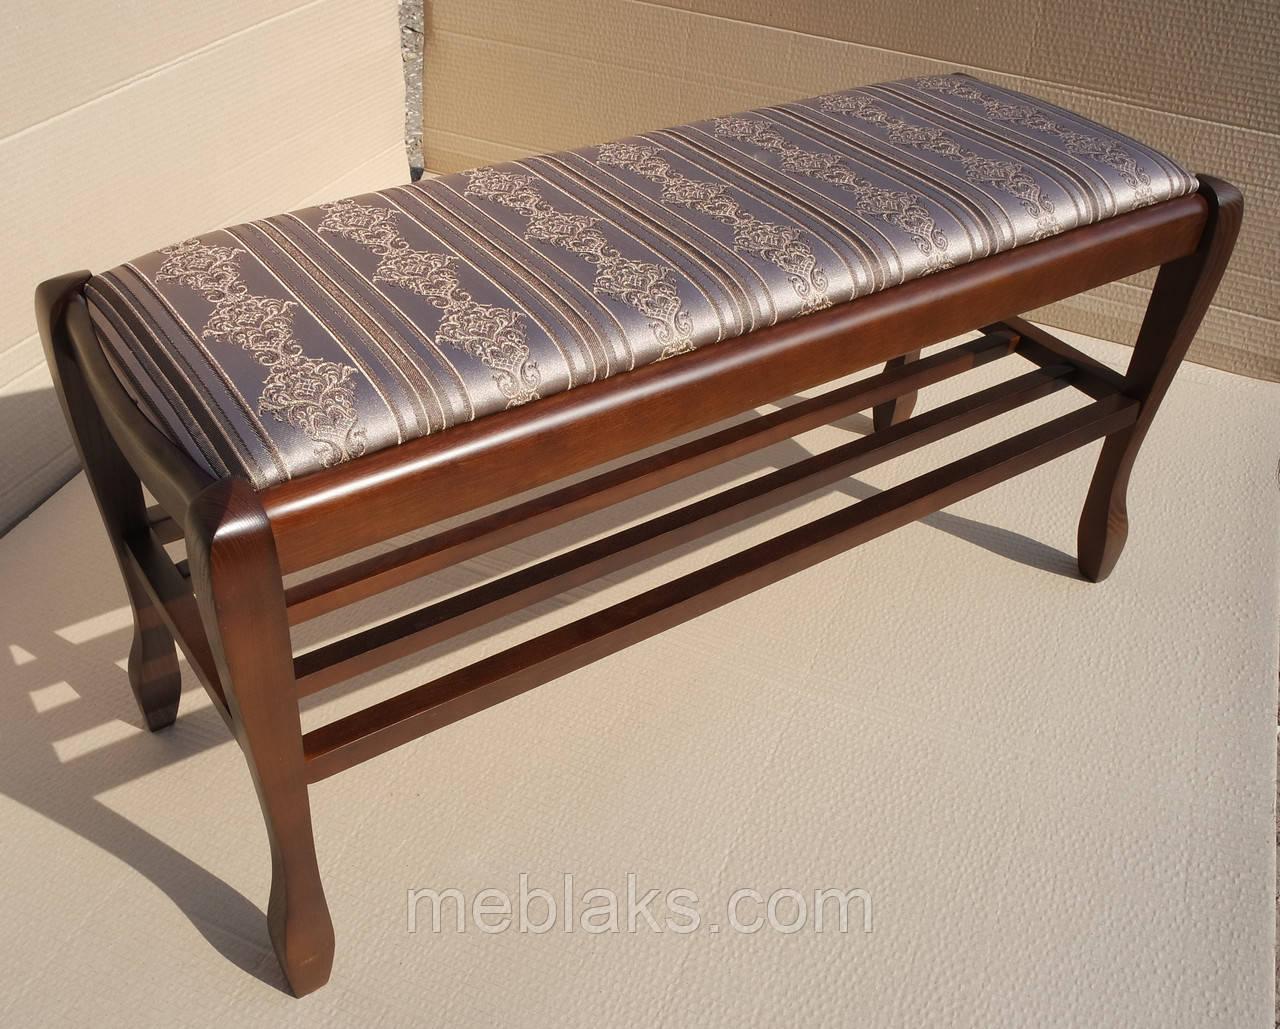 Банкетка Гармония 90 см с полкой Fusion Furniture